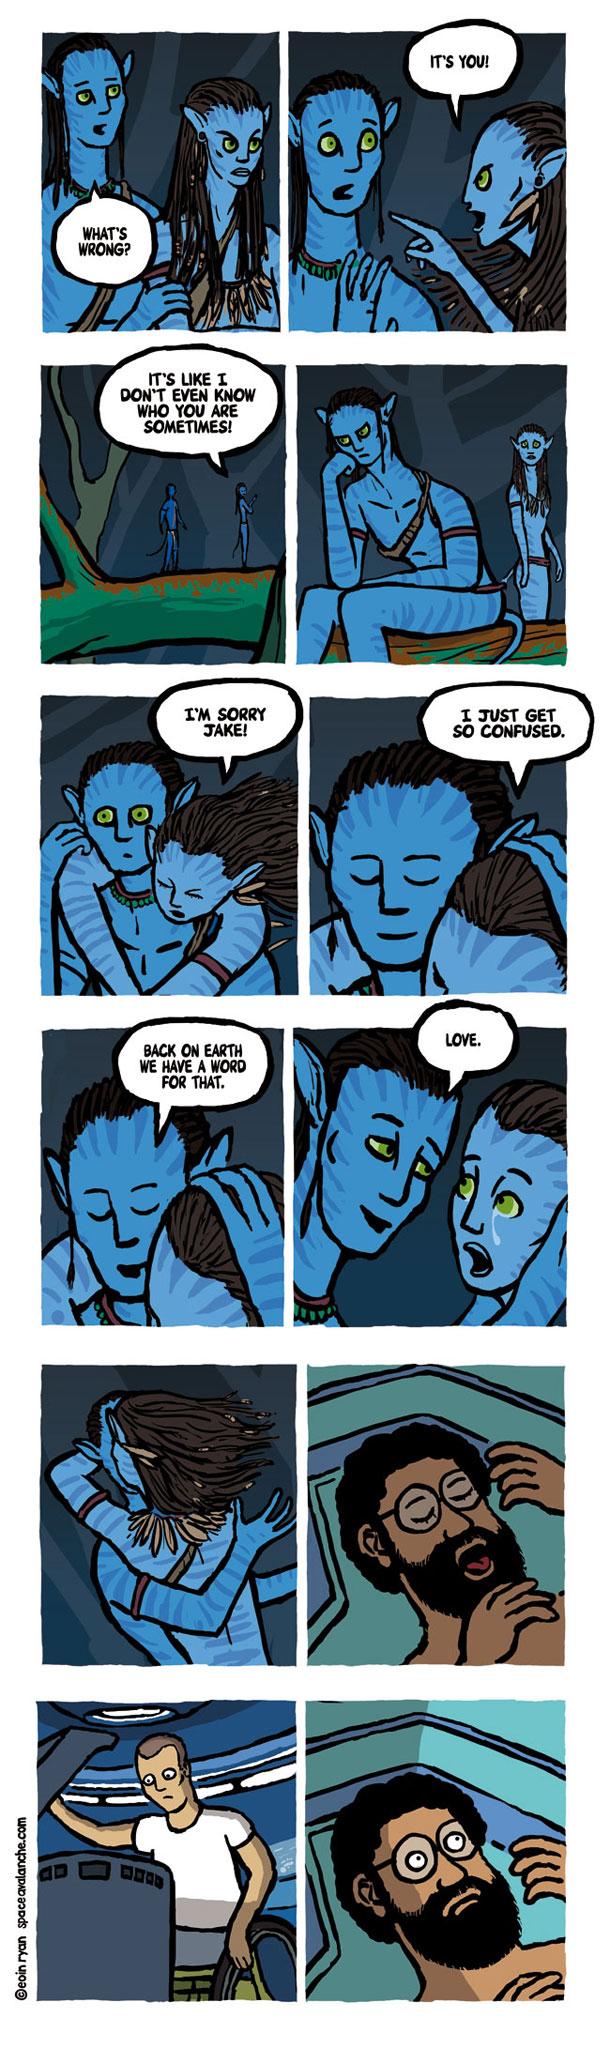 Avatar extended sex scene